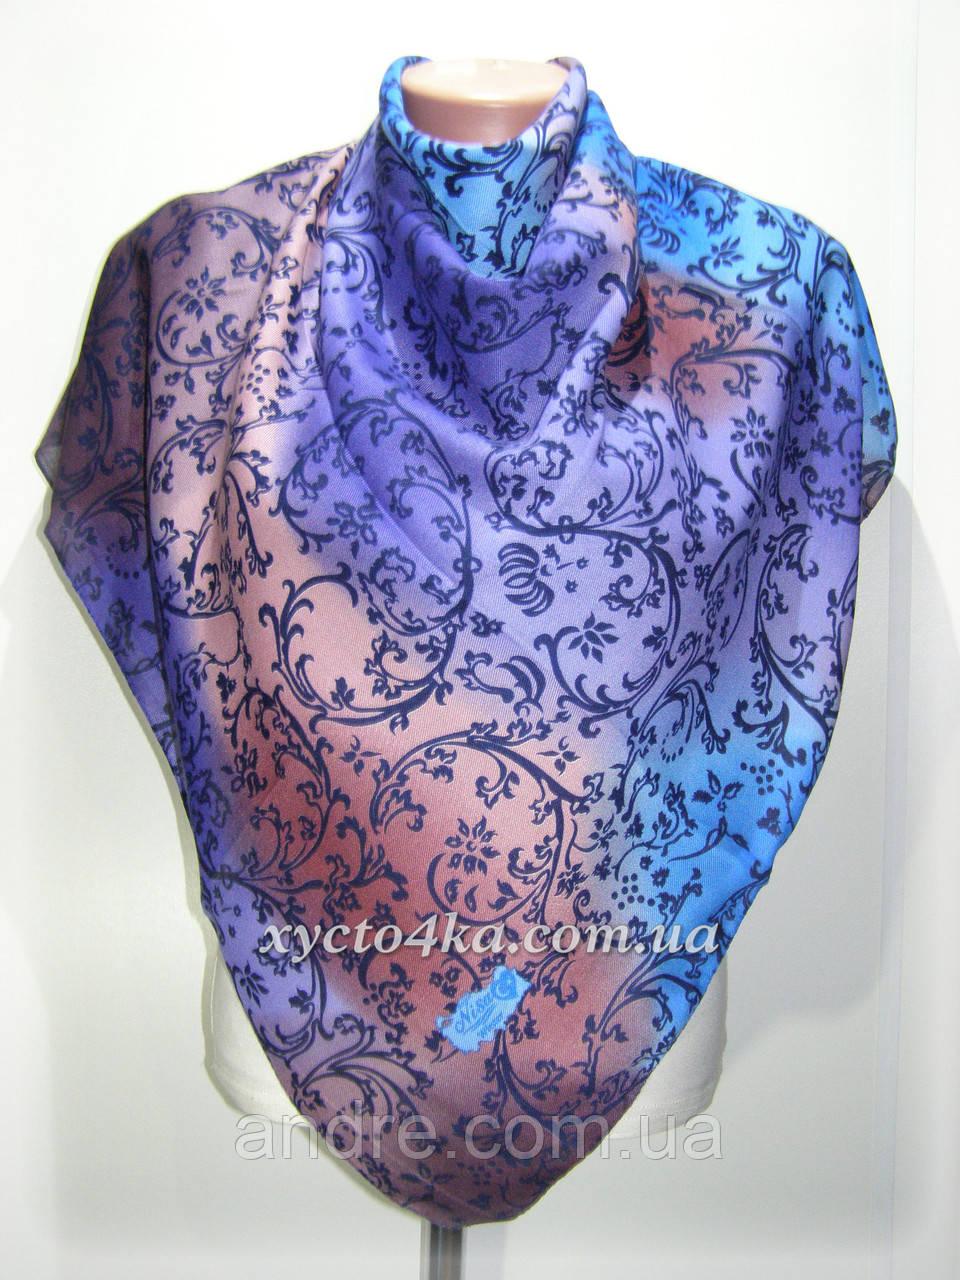 Кашемировый платок винтаж, синий